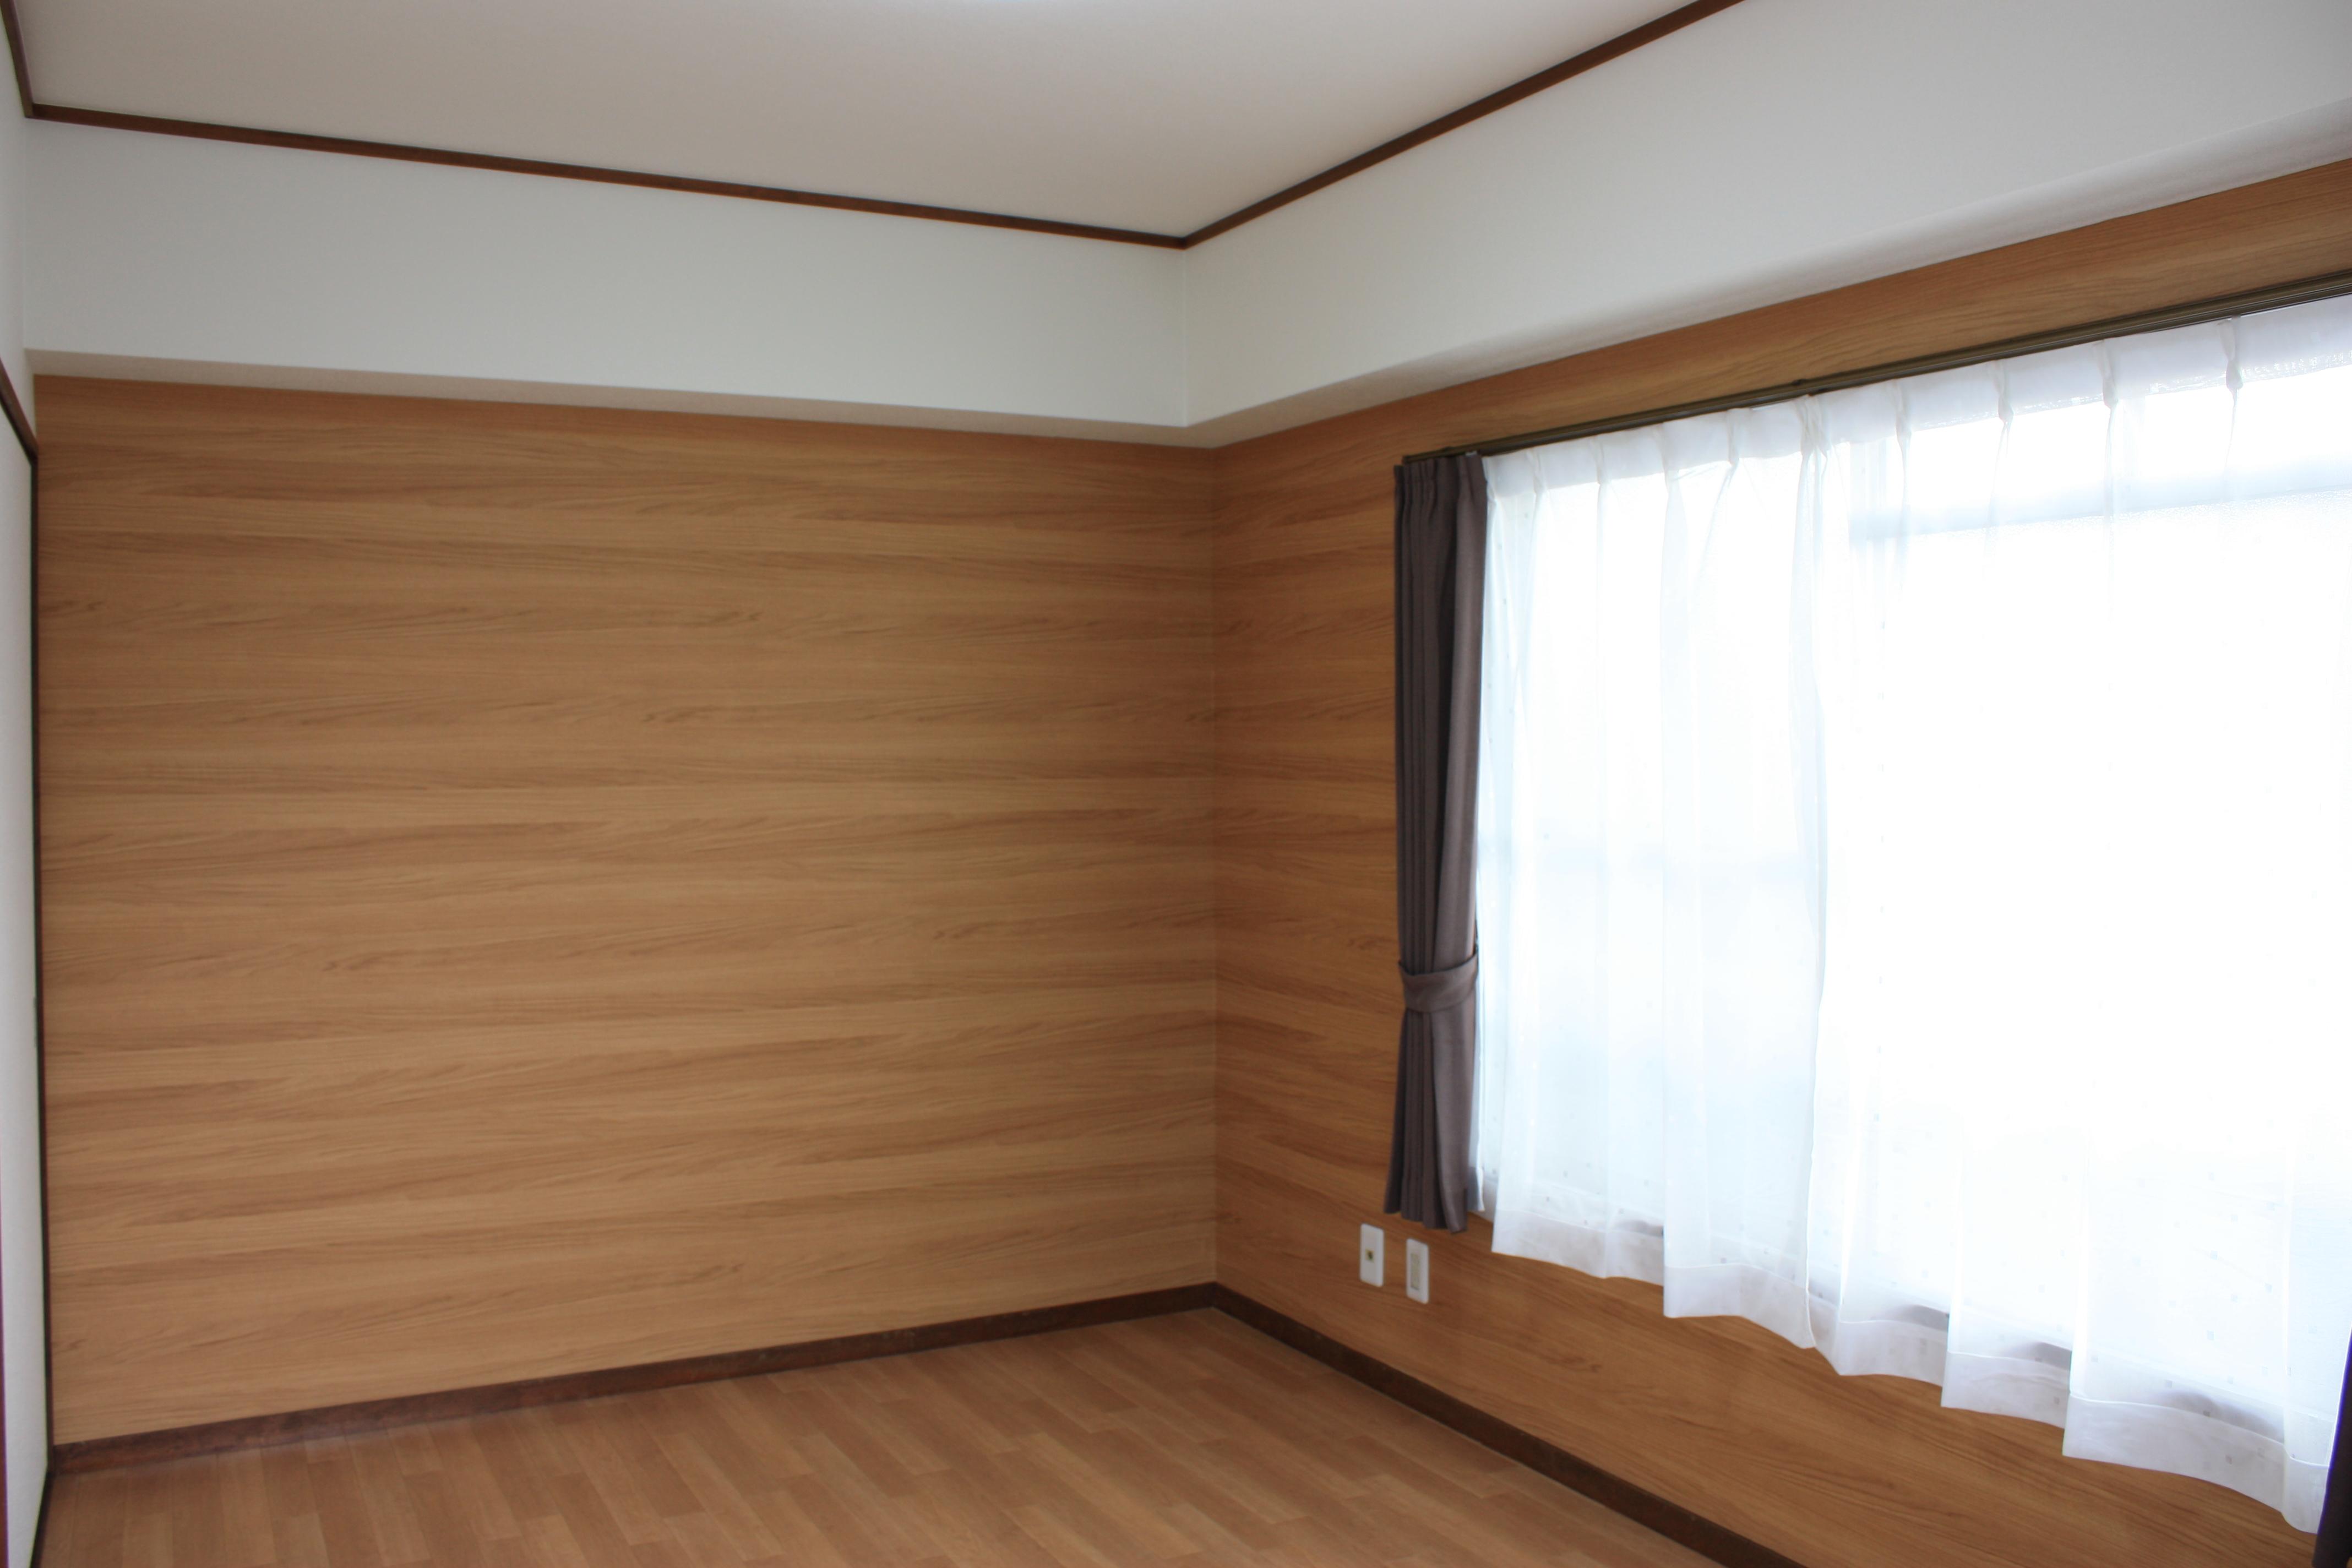 松山市:賃貸マンションのサムネイル